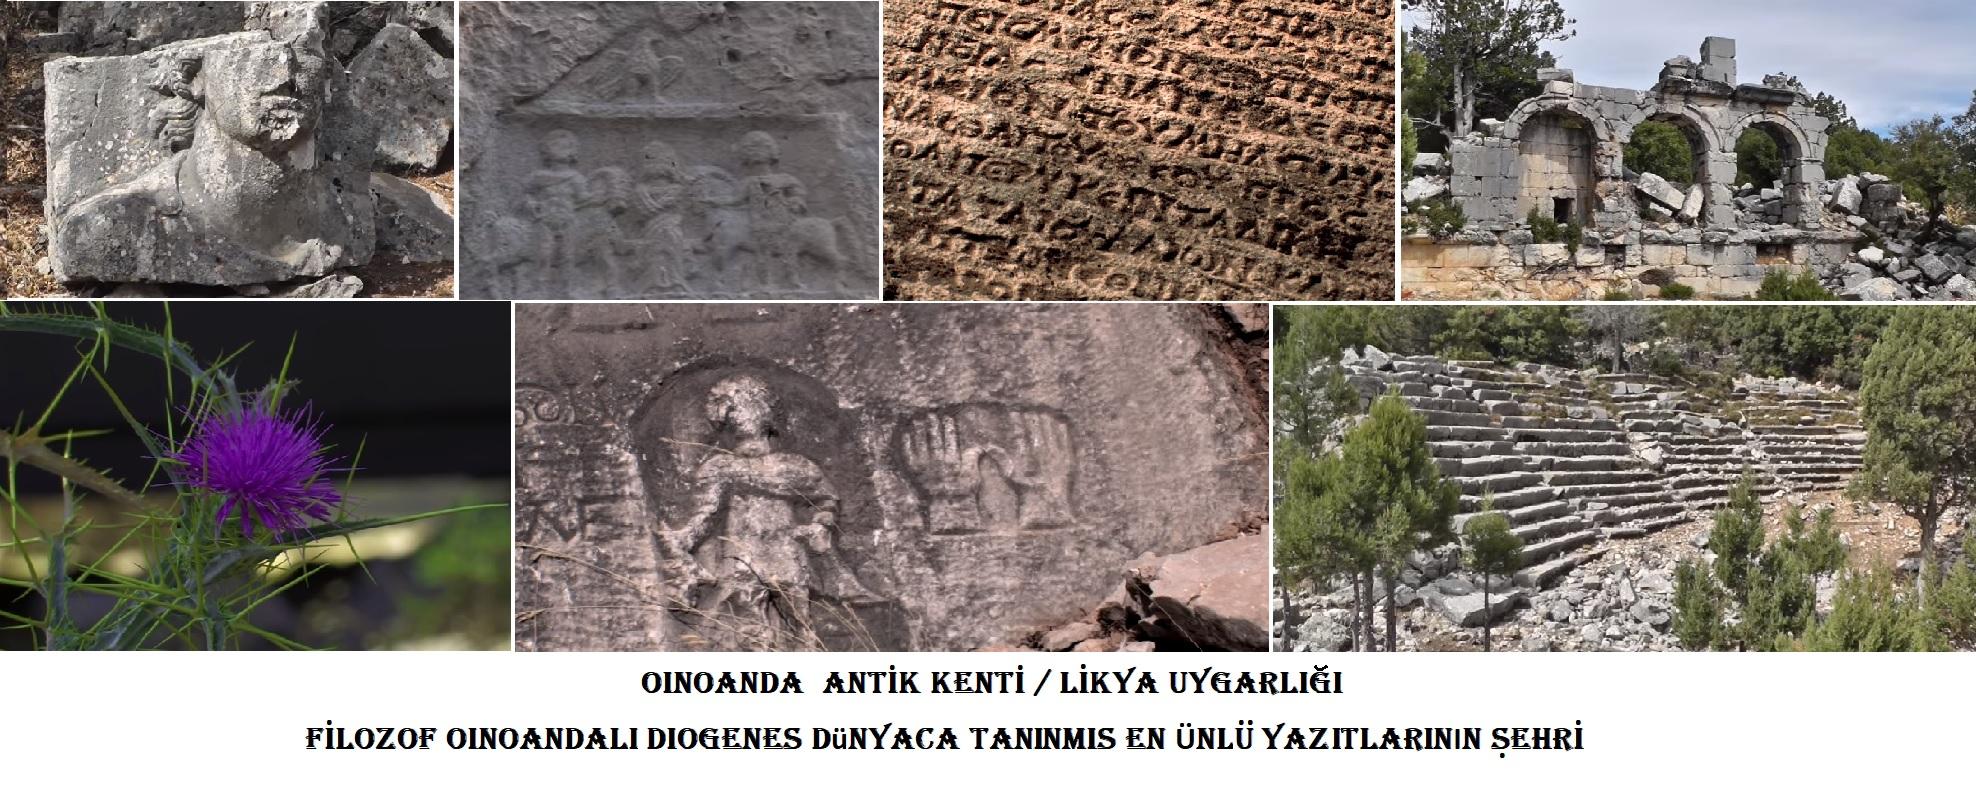 Wiyanawarda/Winuwanda-Oioanda/Oinoanda Antik Kenti / Filozof Oinoandalı Diogenes'in Dünyaca Tanınmış En Ünlü Yazıtlarının Şehri – Antalya